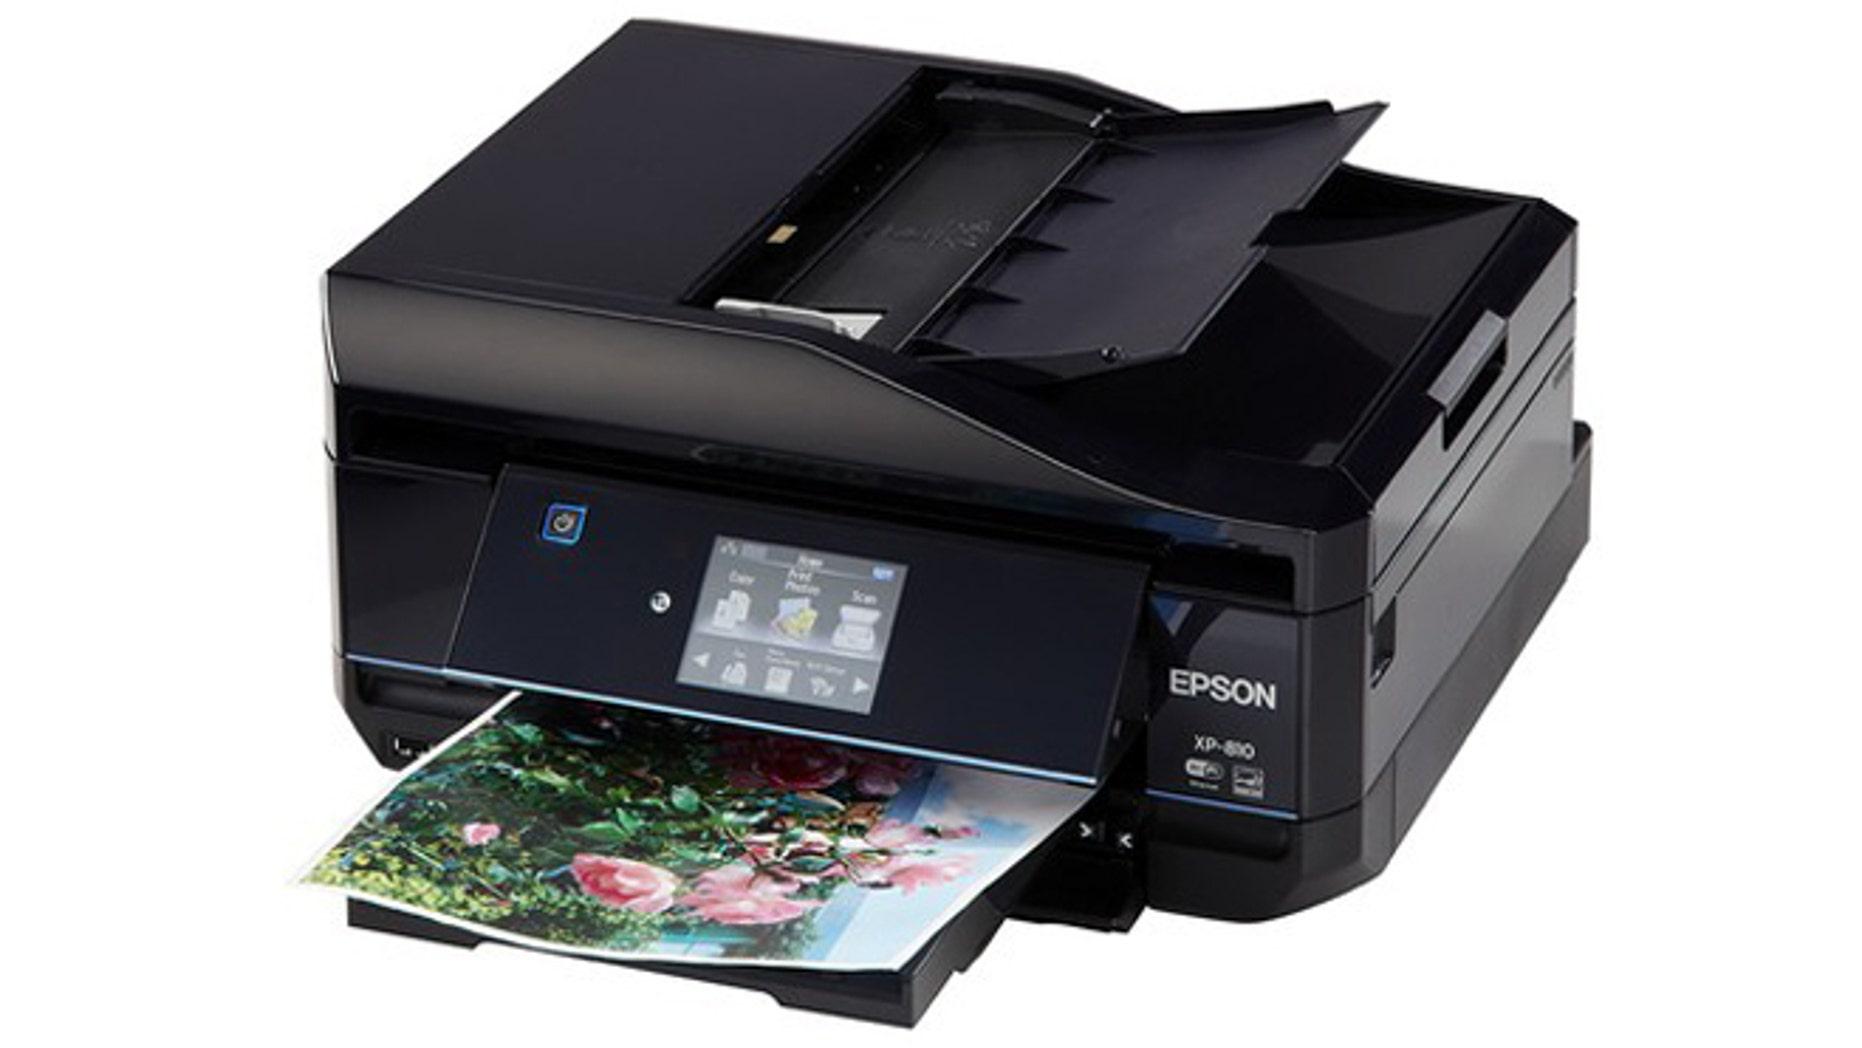 The Epson Expression Premium XP810.